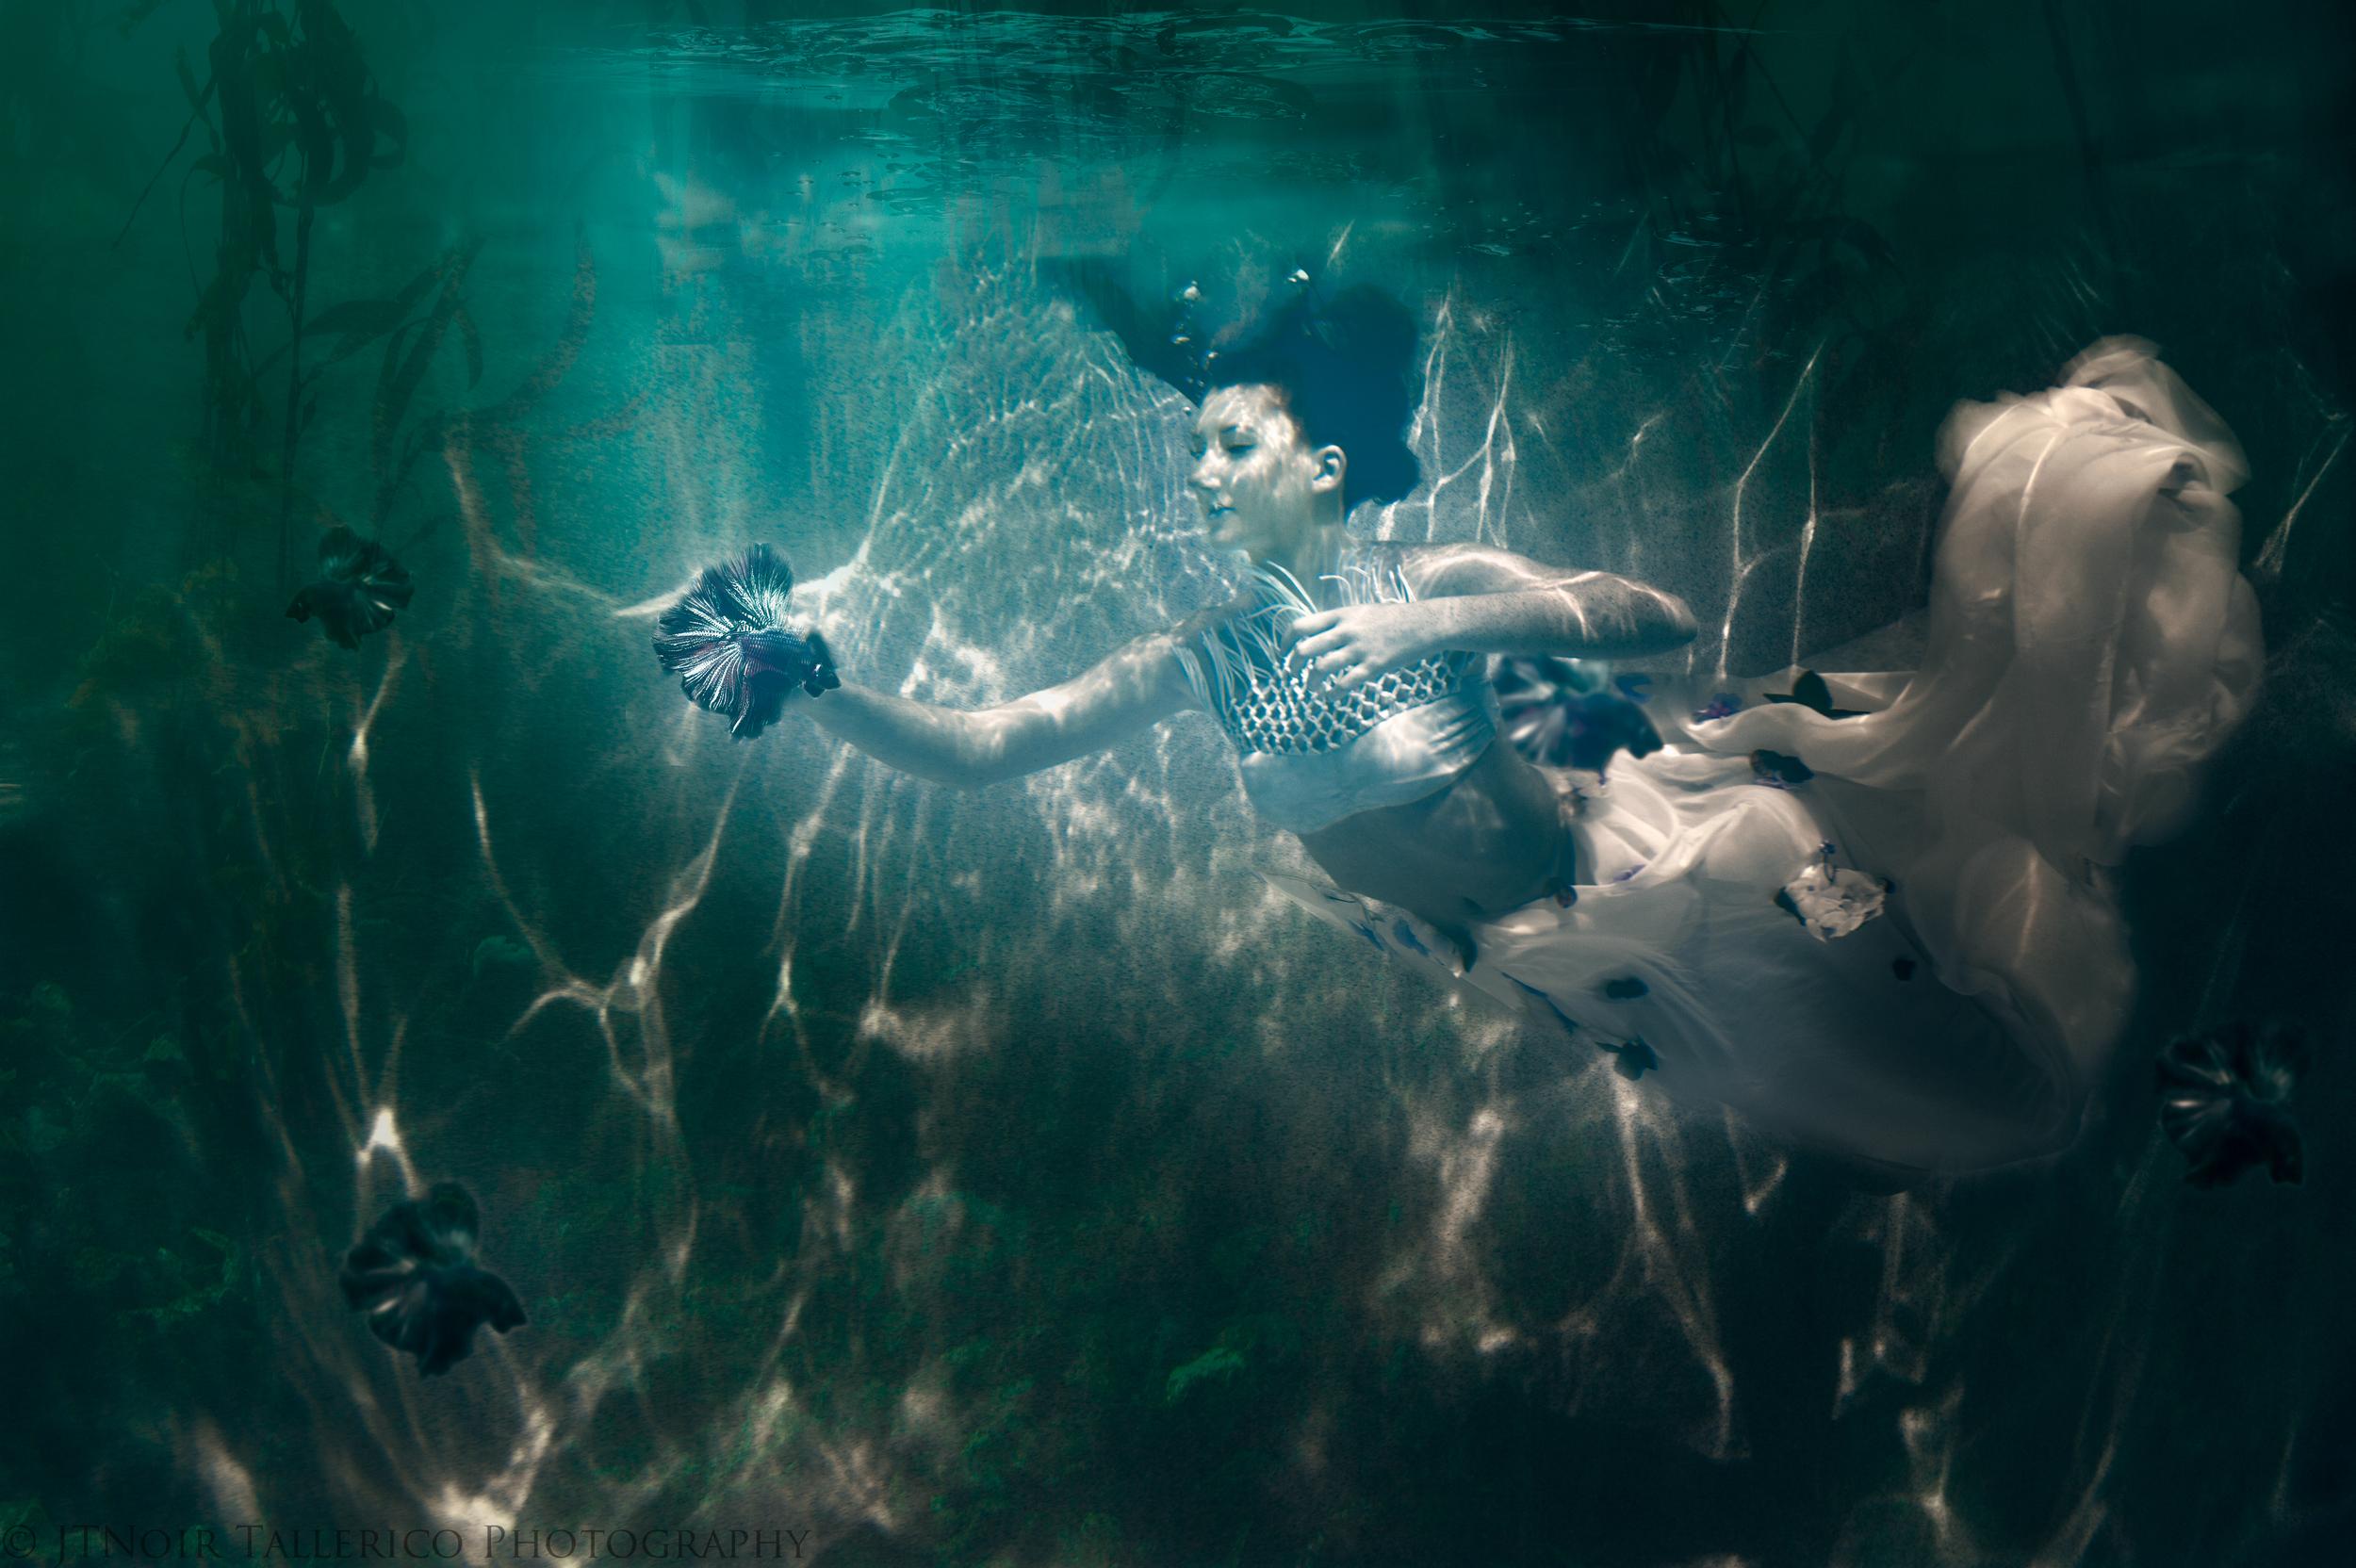 Tallerico_Photography_Underwater_KW_7_2014--4.jpg